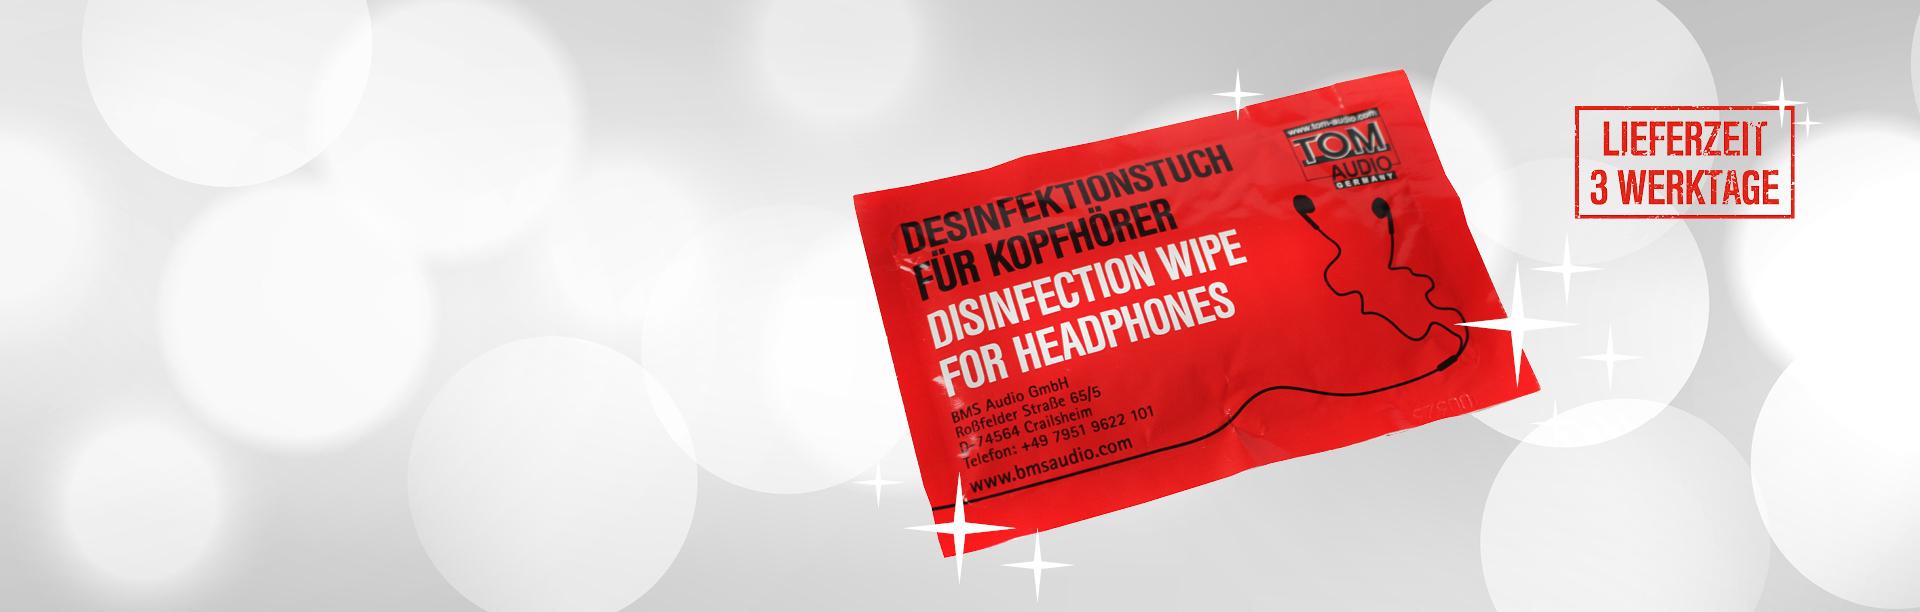 Desinfektionstücher in 3 Werktagen lieferbar